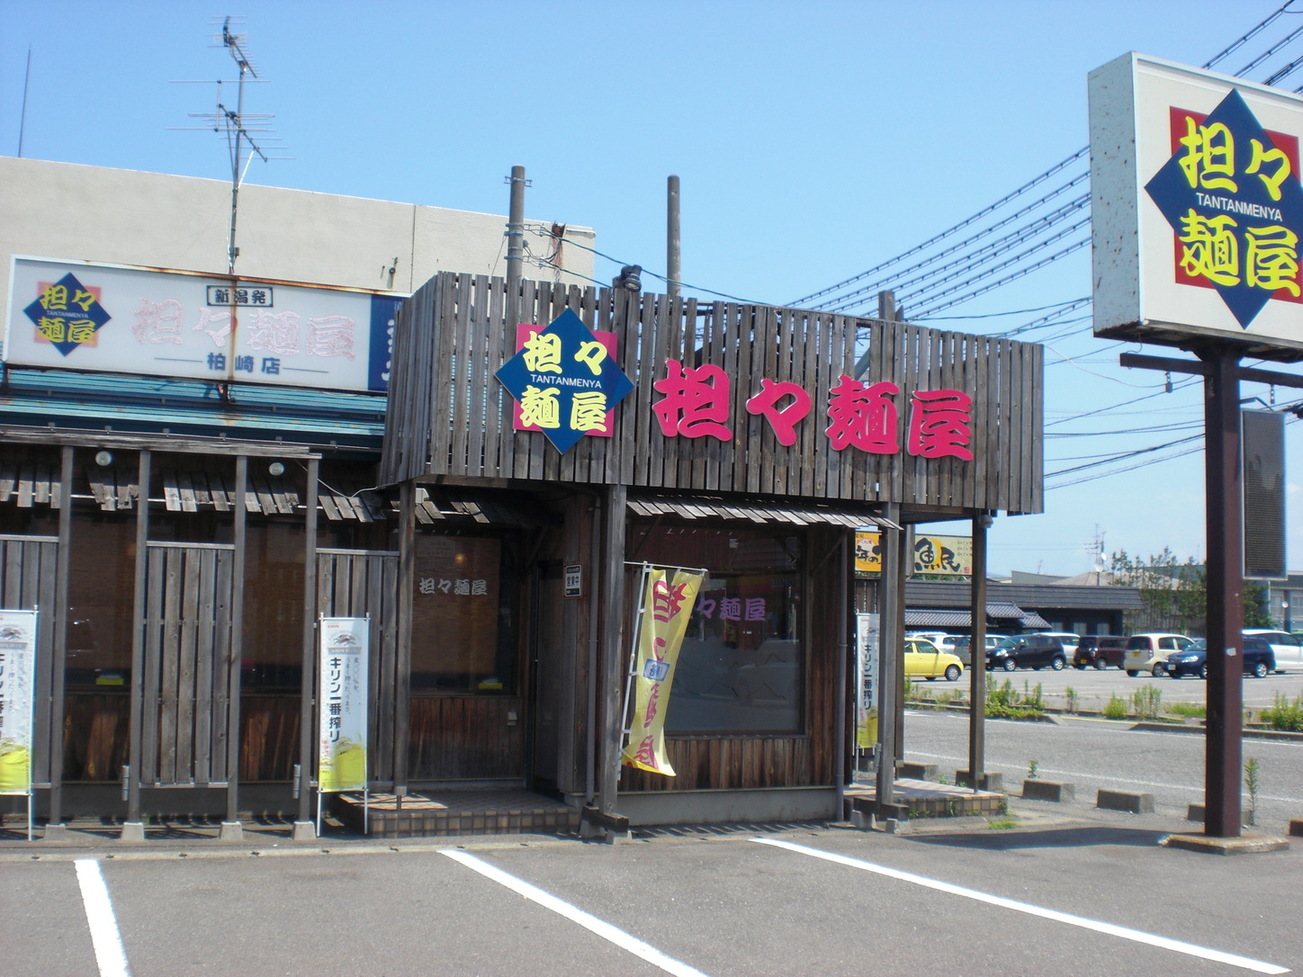 坦々麺屋 柏崎店